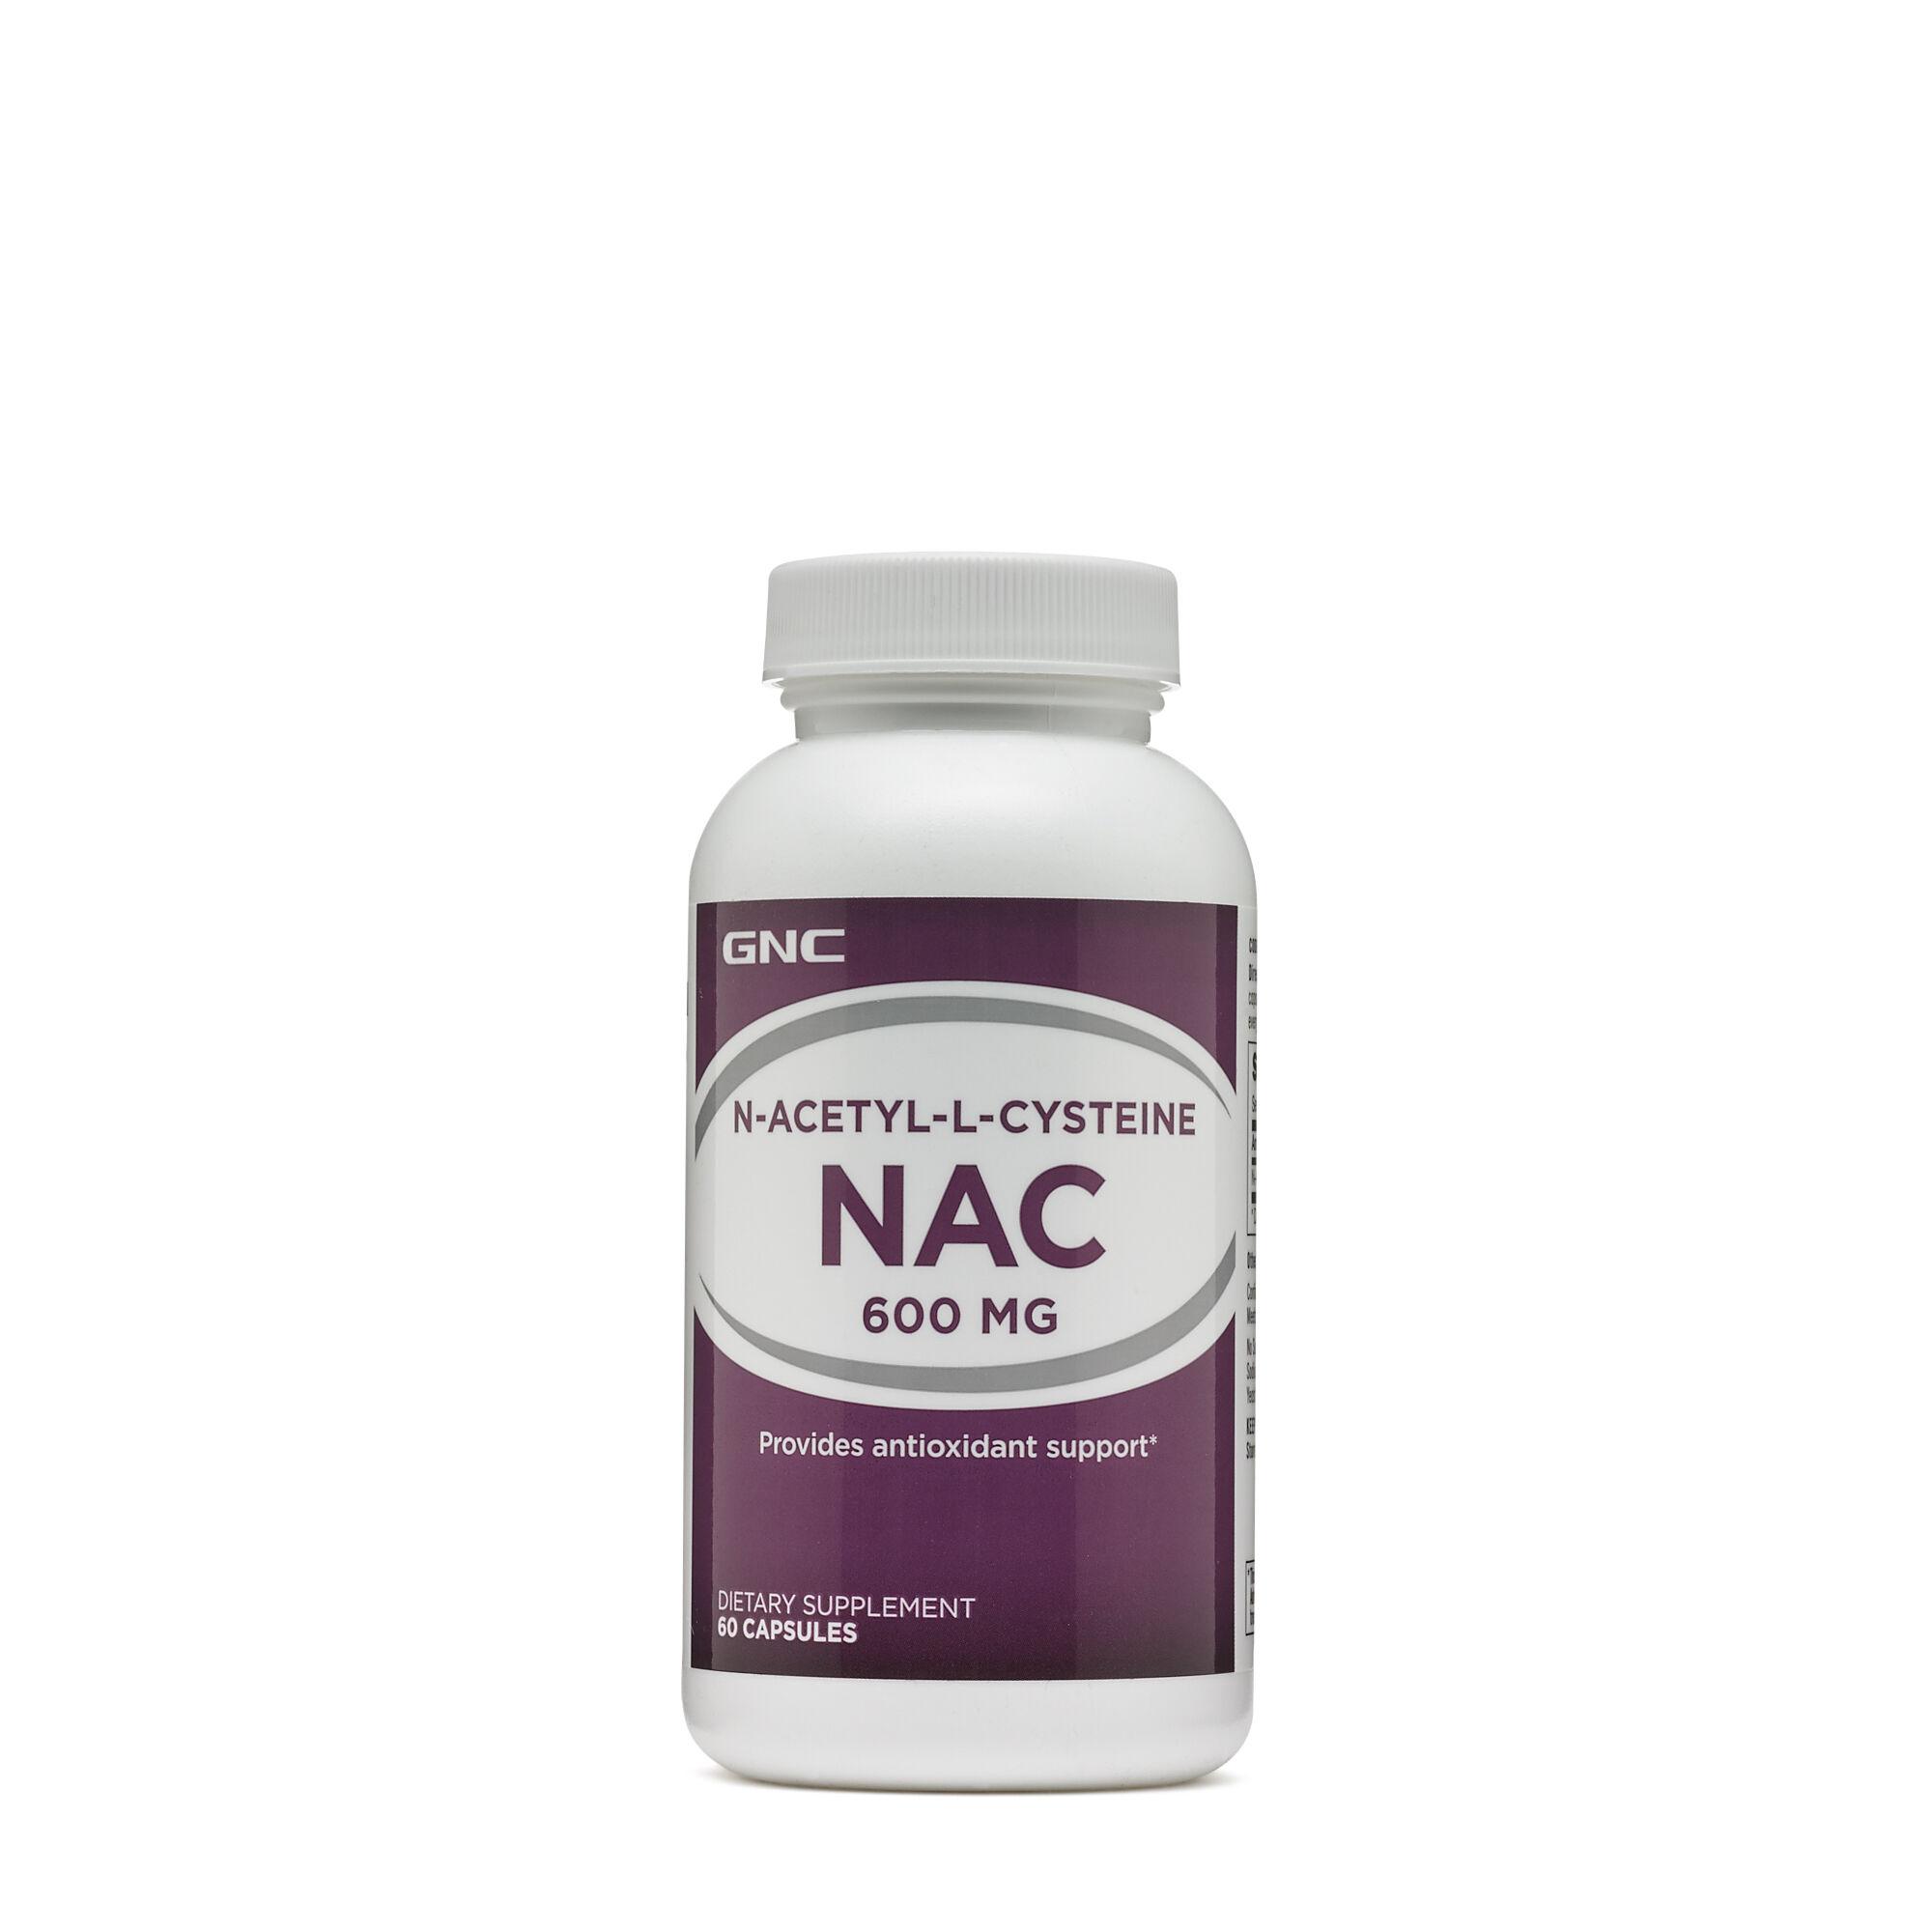 GNC N-Acetyl-L-Cysteine NAC 600 mg